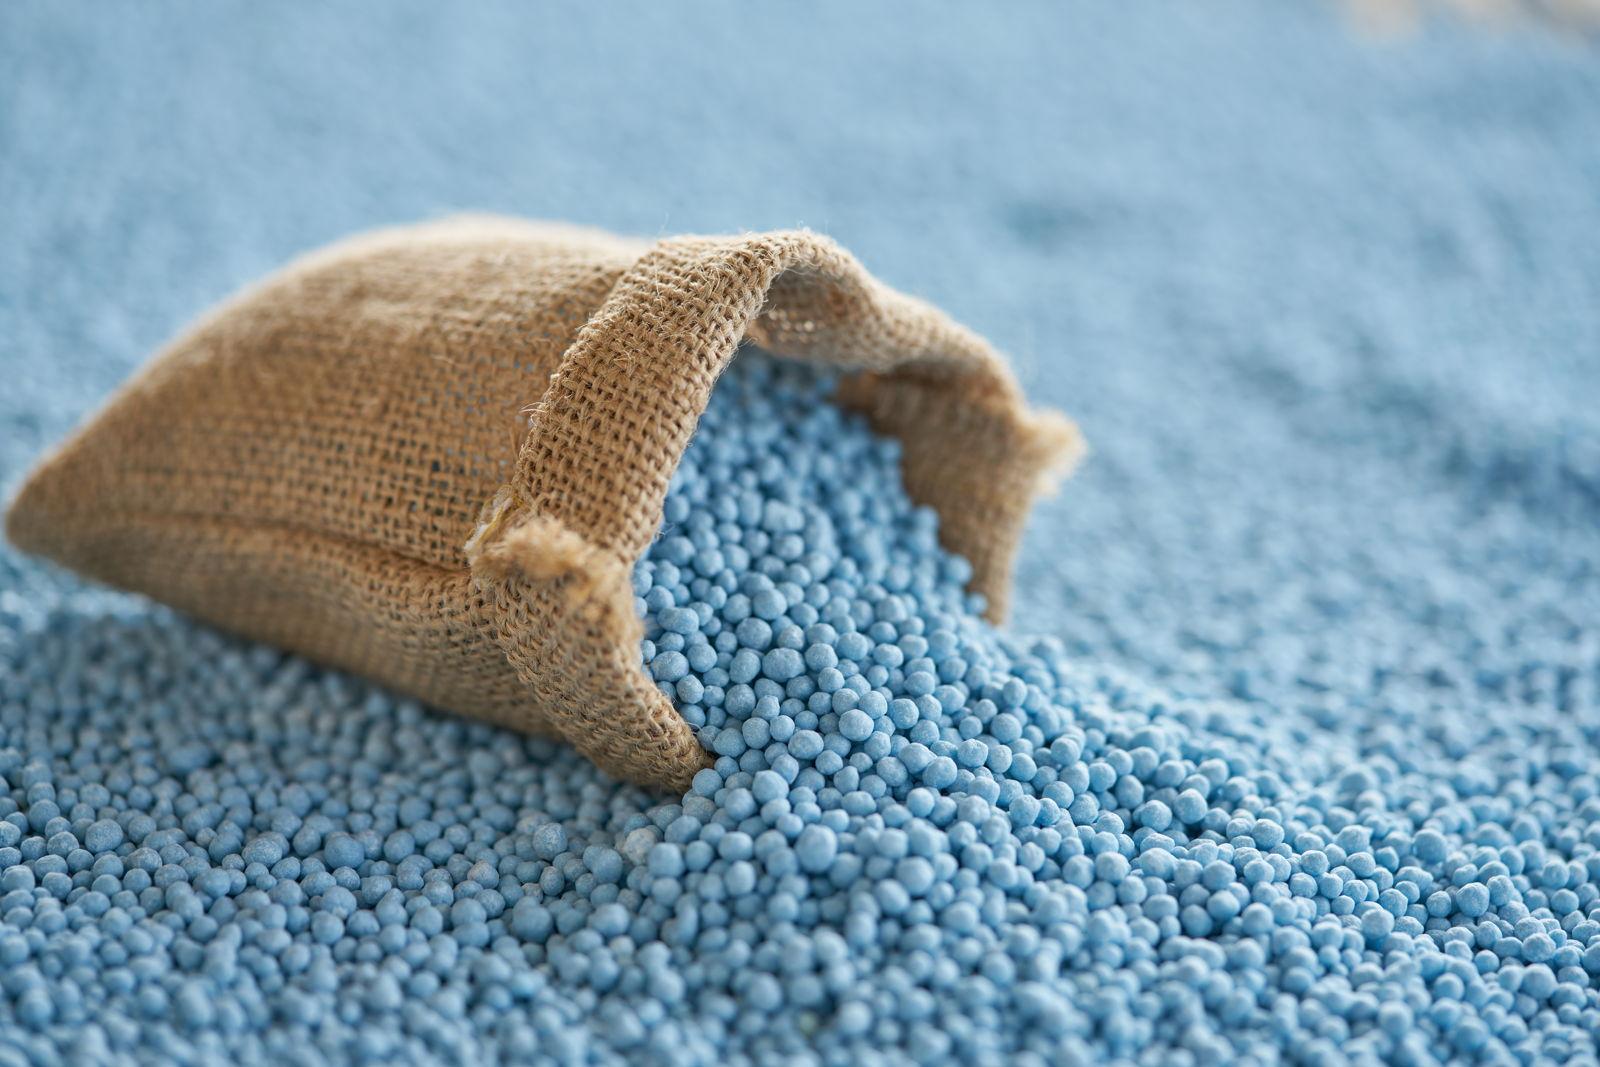 Lieblings Blaukorn: Anwendung, Wirkweise & Giftigkeit - Plantura #TO_77